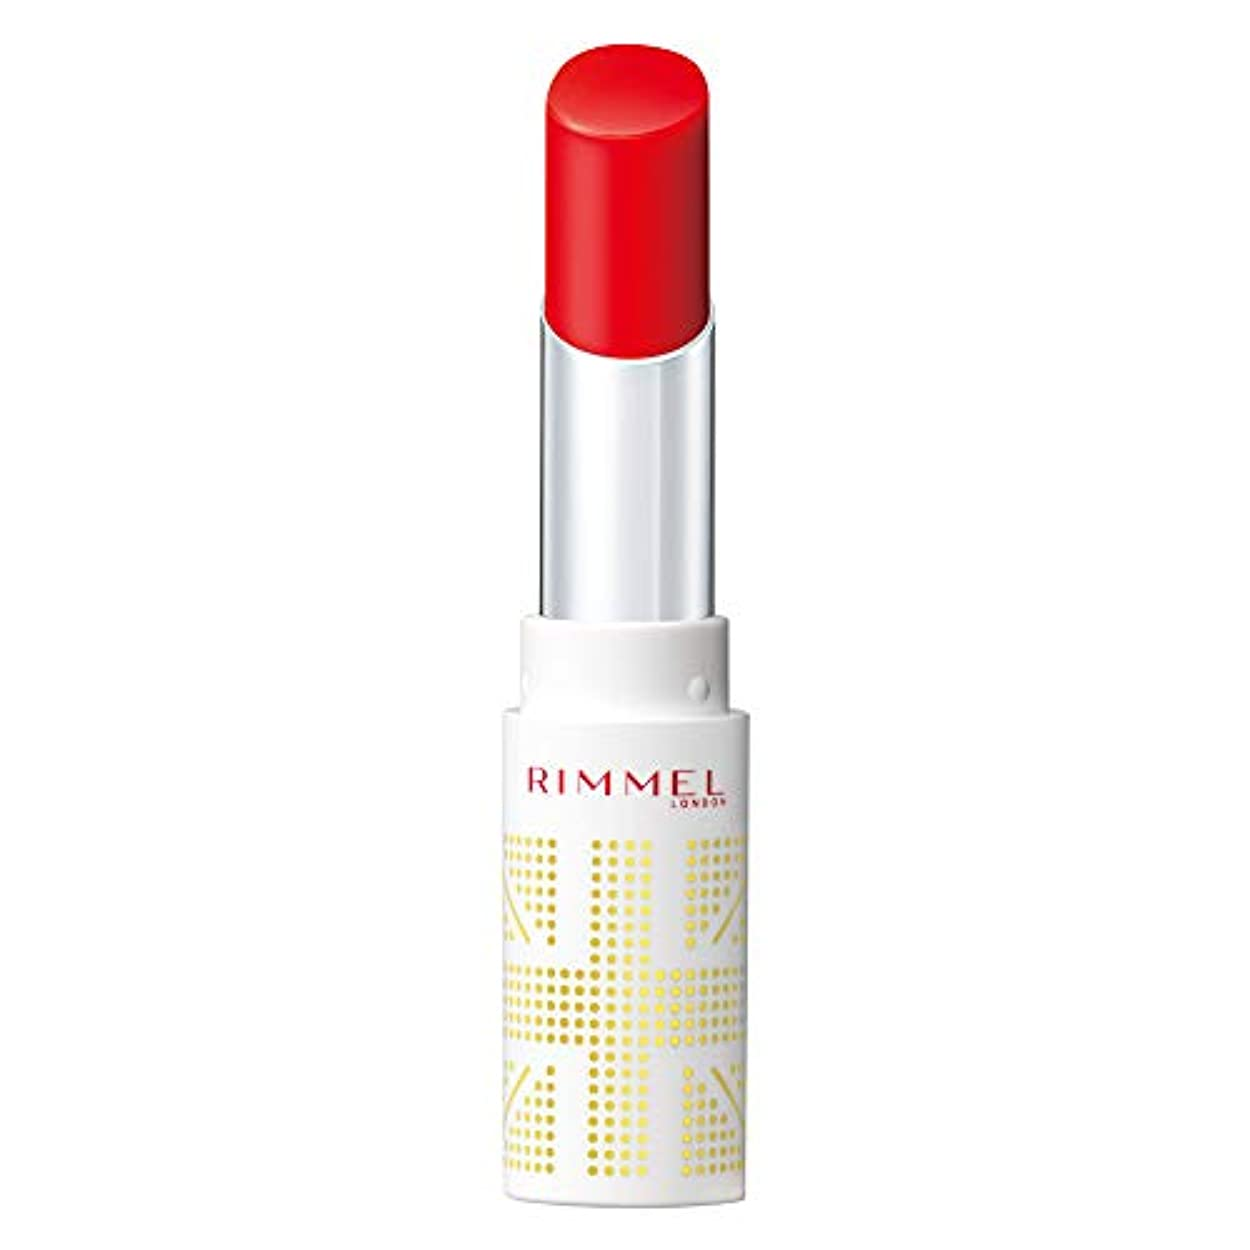 送金少し層Rimmel (リンメル) リンメル ラスティングフィニッシュ オイルティントリップ 002 マンダリンレッド 3.8g 口紅